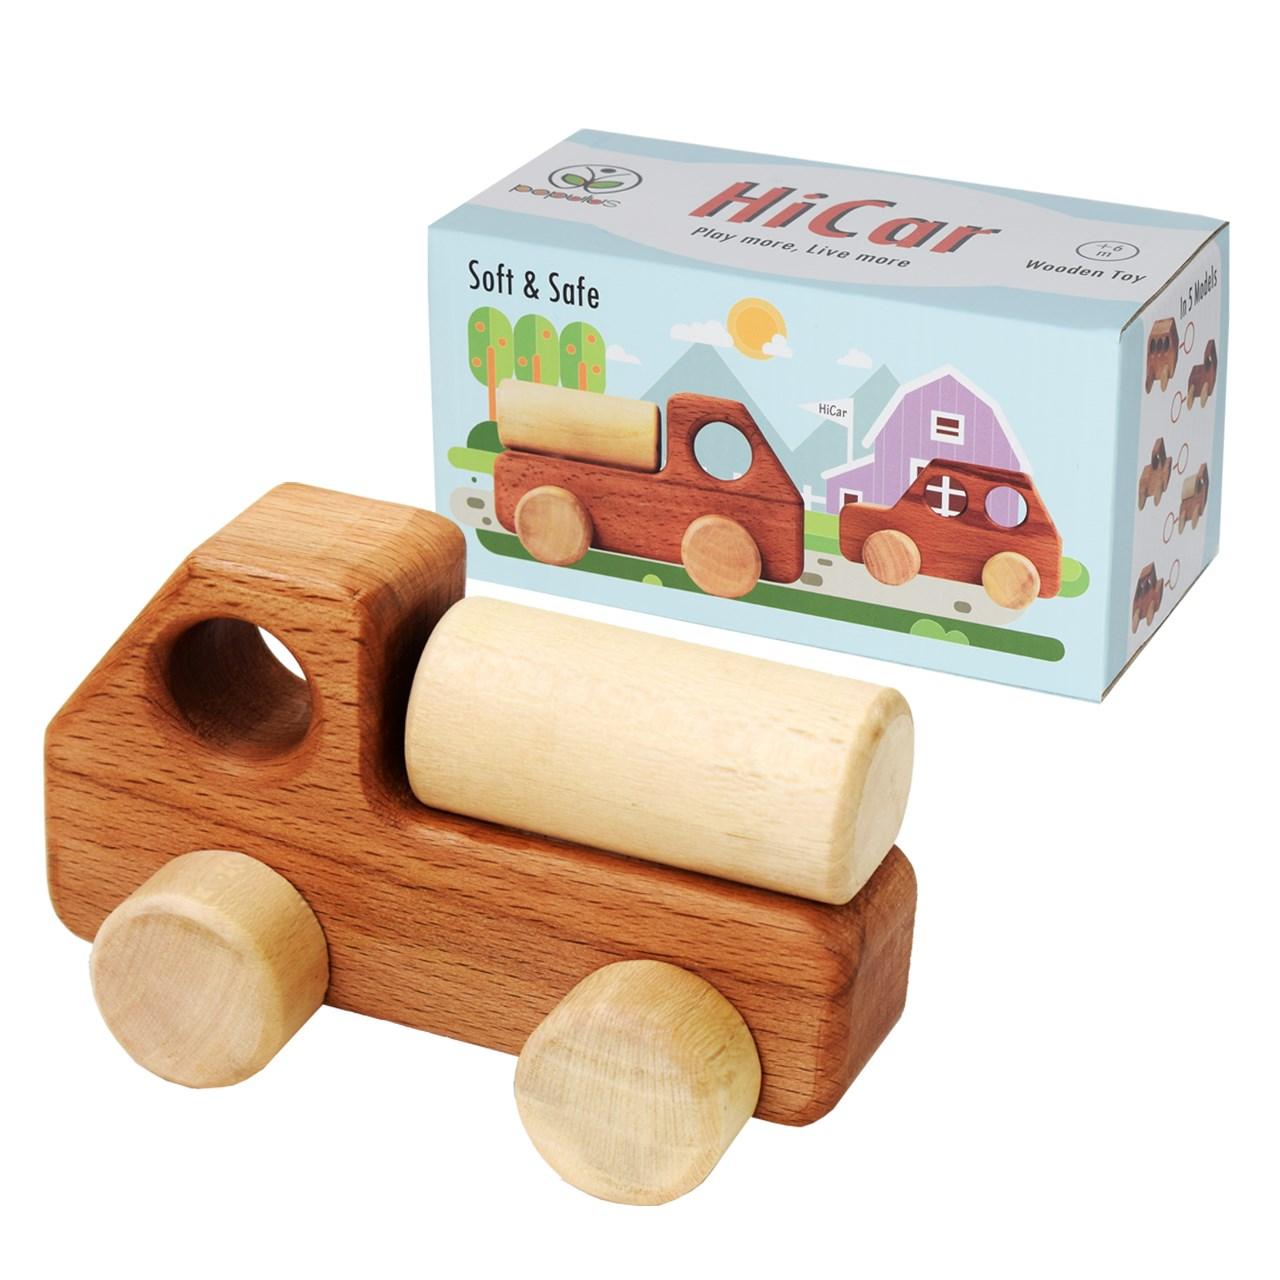 ماشین اسباب بازی چوبی پوپولوس مدل HiCar1